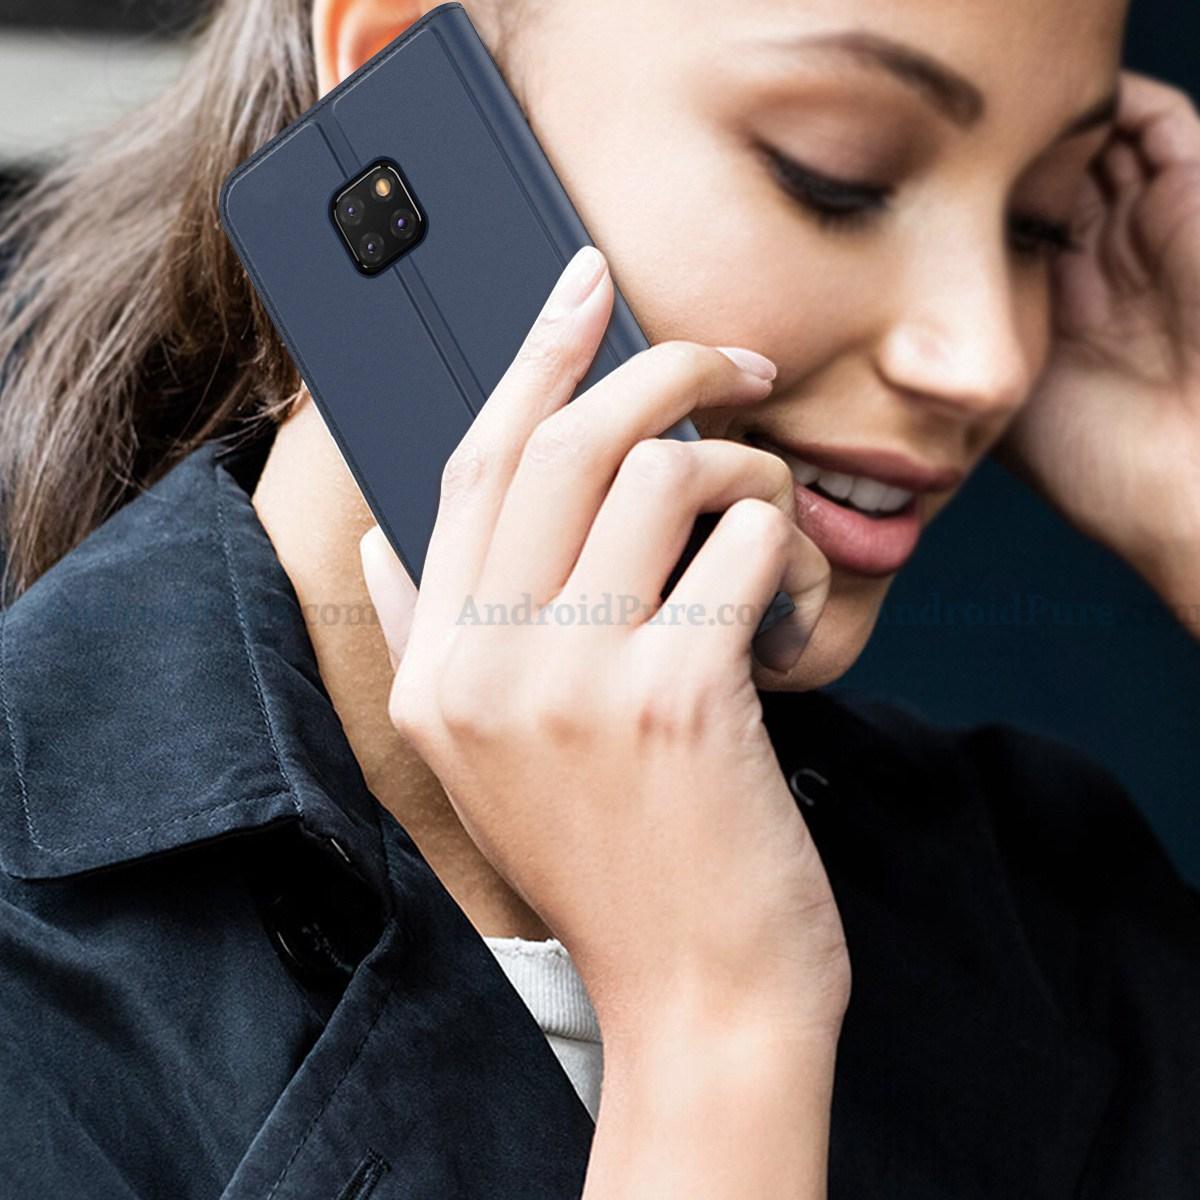 Huawei Mate 20 впервые показали на качественных официальных рендерах - Hi-Tech Mail.Ru